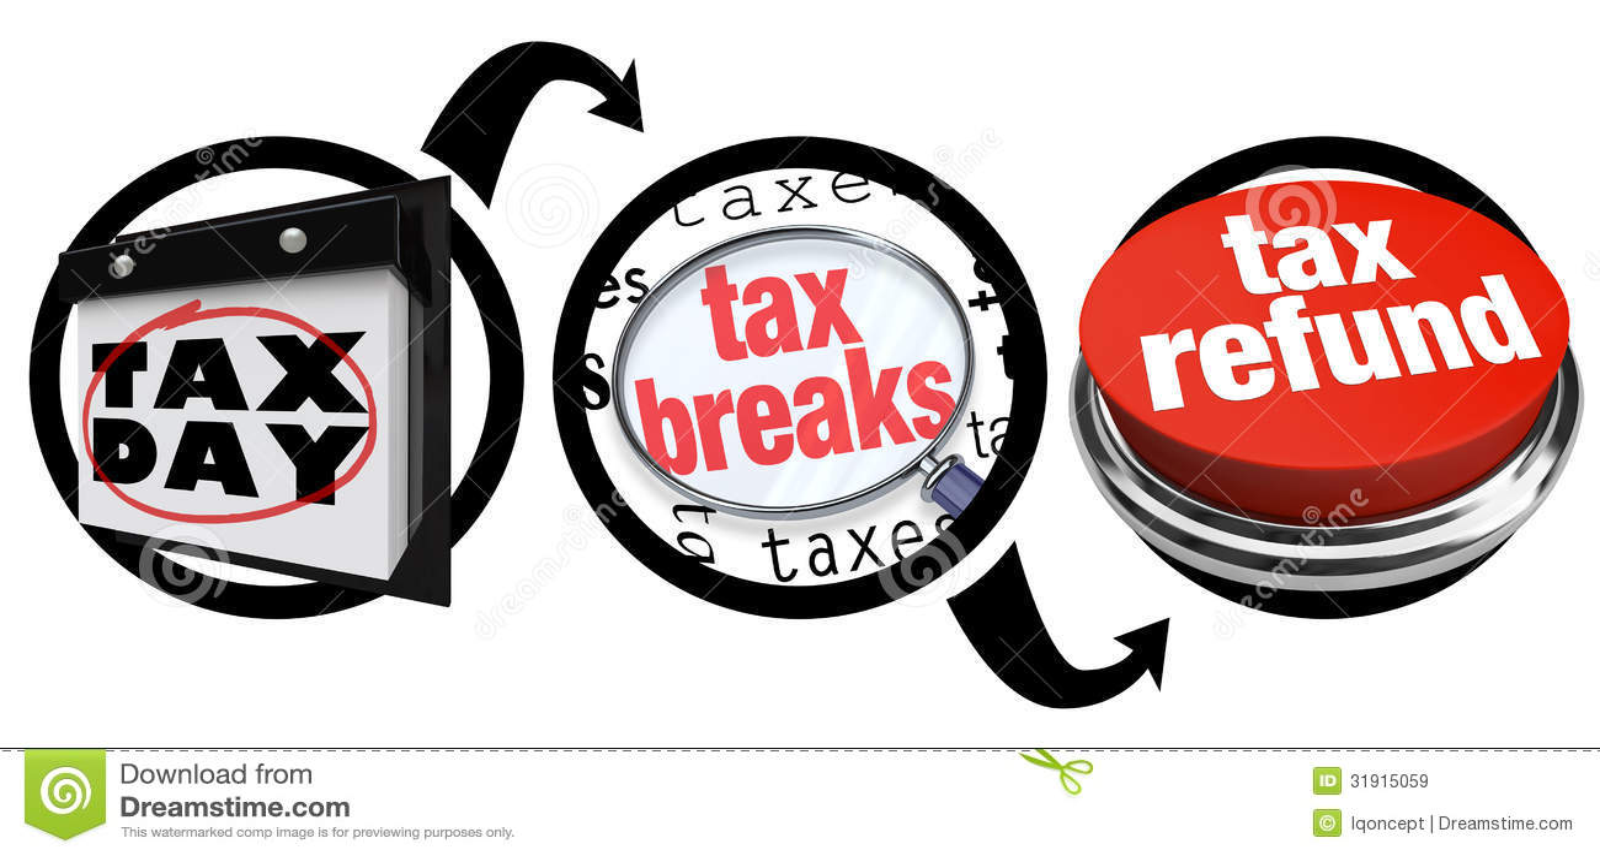 Come ottenere a riduzioni delle imposte più grande rimborso scadenza